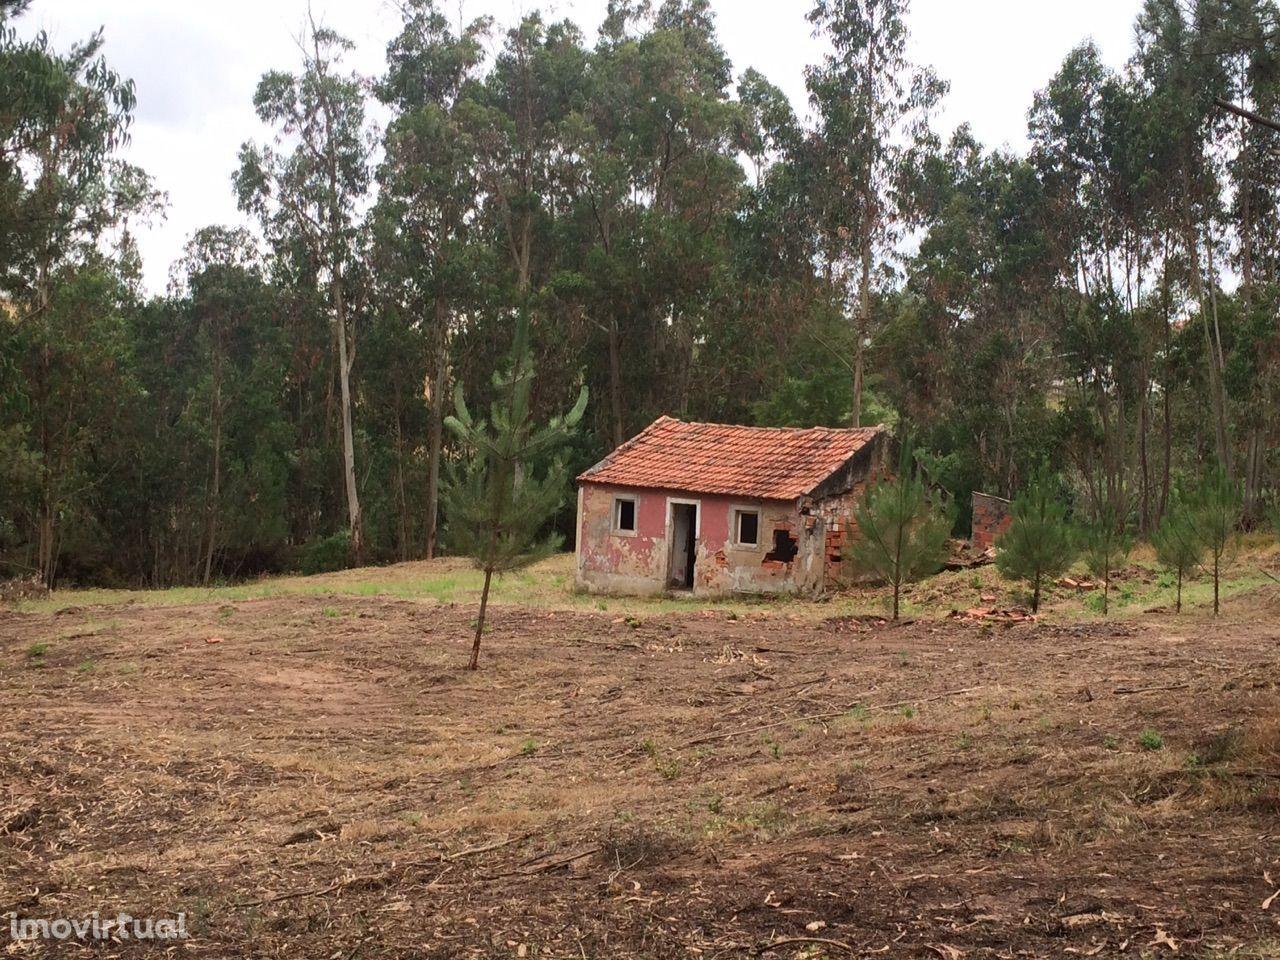 Formigal - Casal a 3 km de Caldas da Rainha